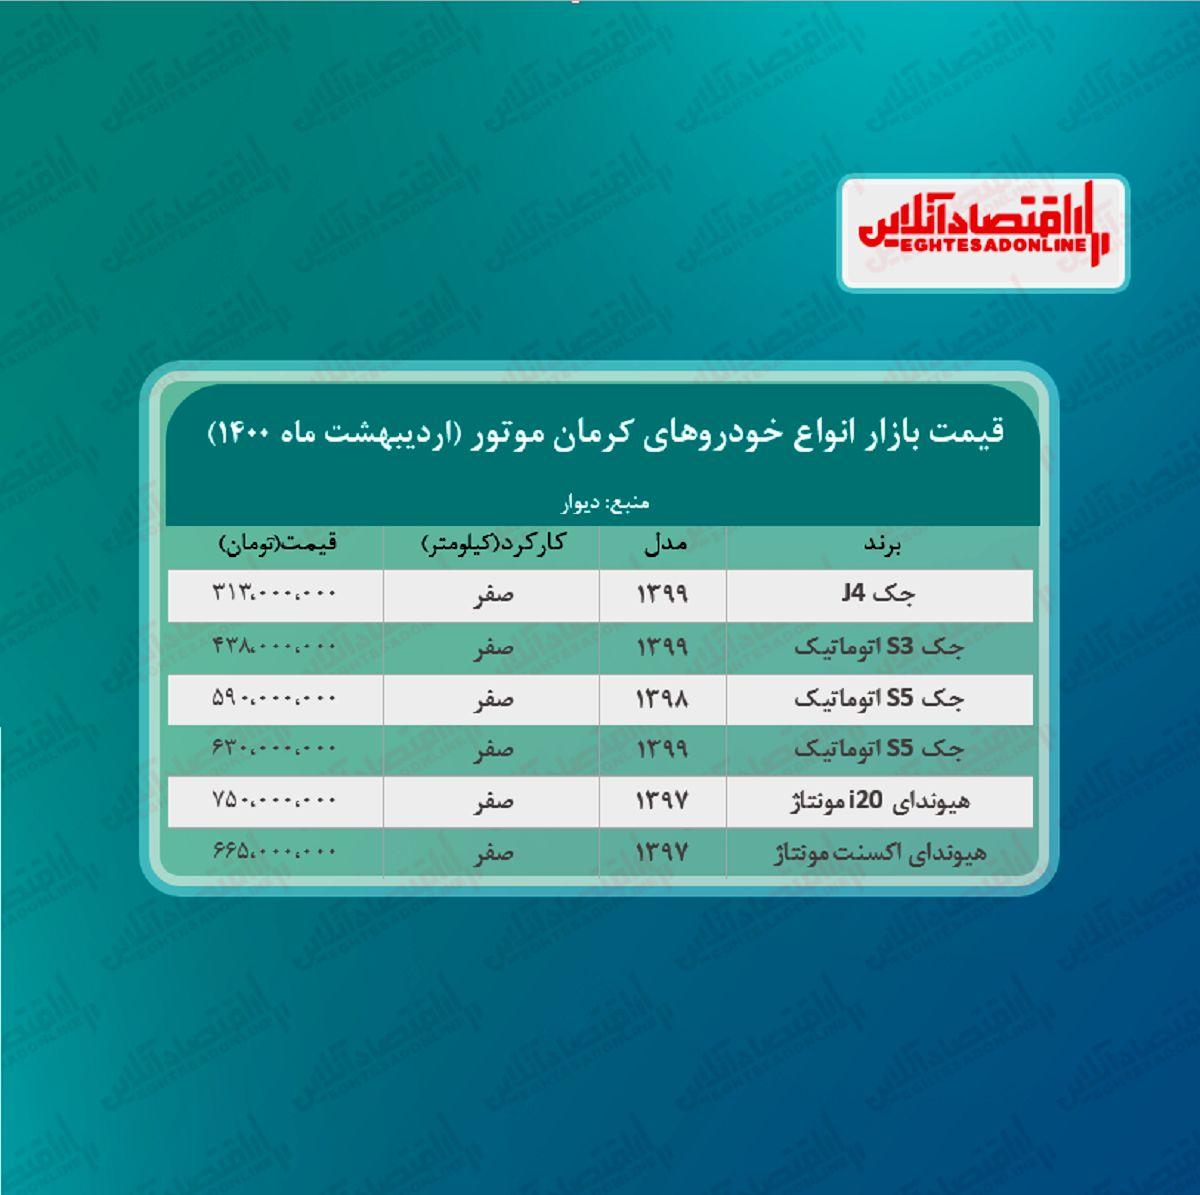 خودروهای کرمان موتور امروز چند معامله شد؟ + جدول